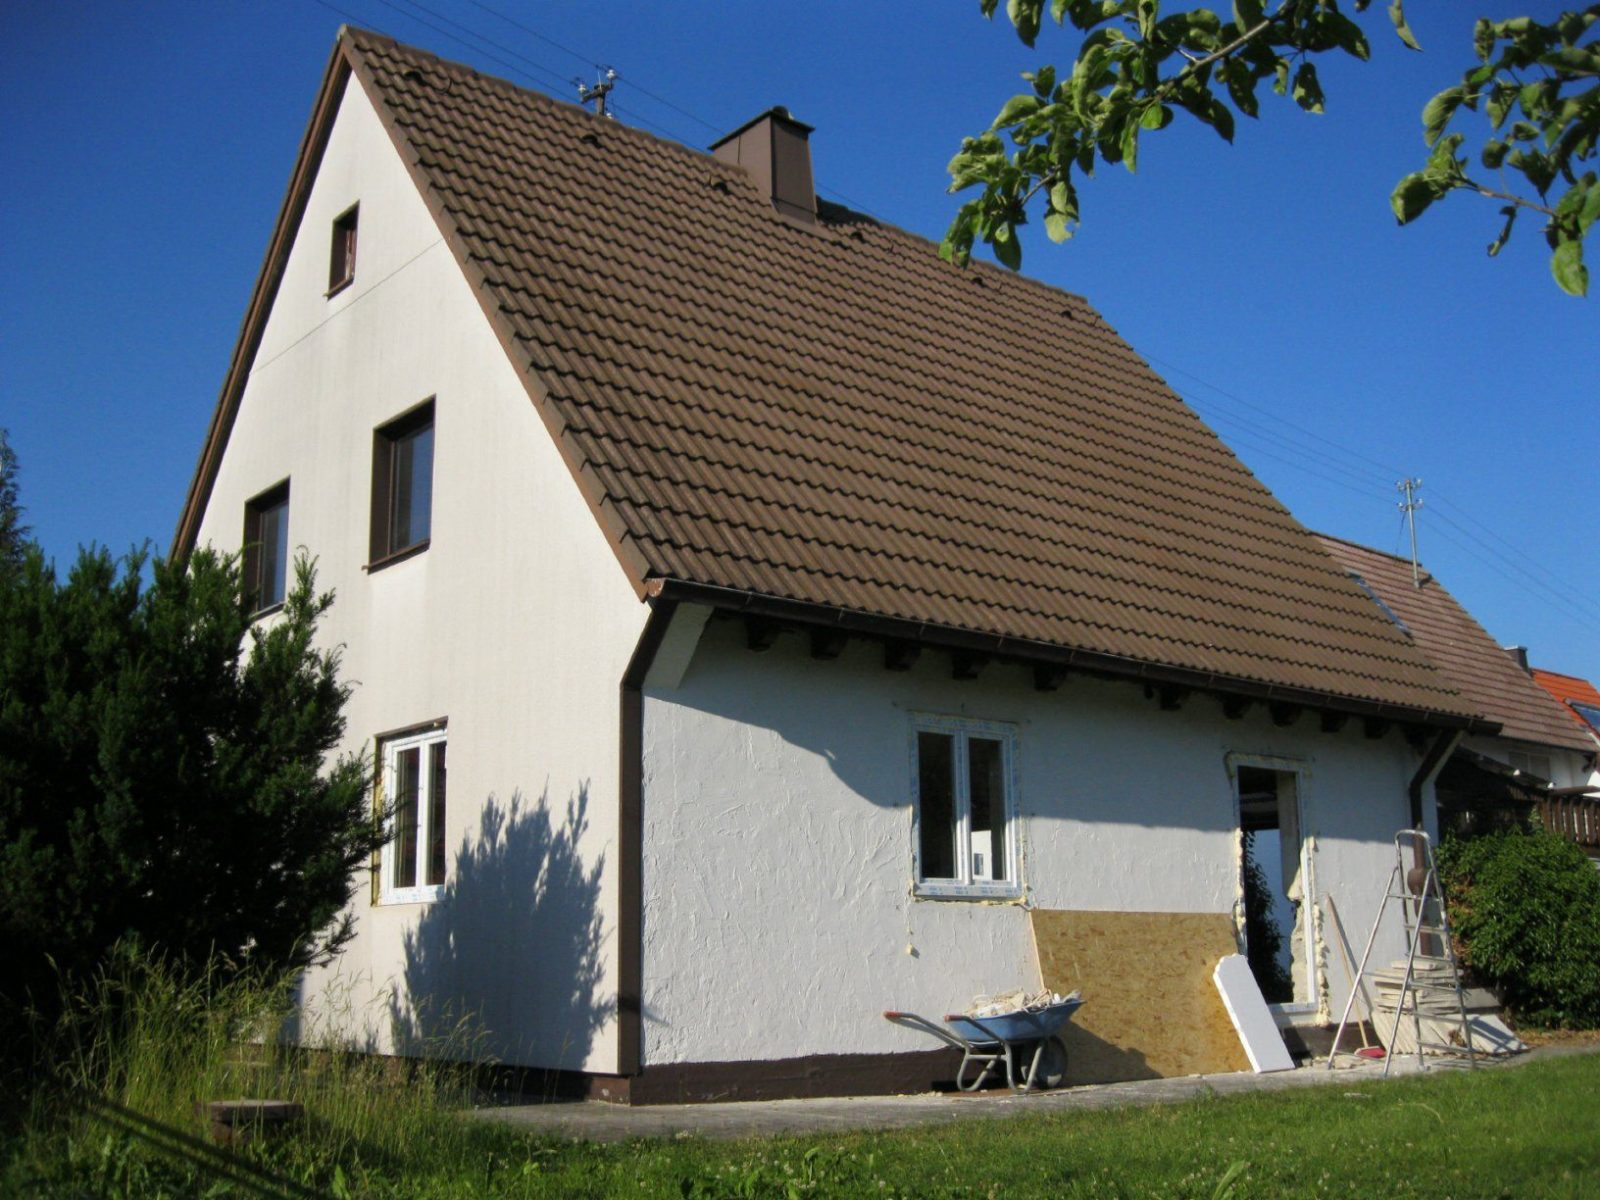 Haus Gartenseite Vorher  Nachher  Meinneueshaus von Altes Haus Renovieren Vorher Nachher Bild